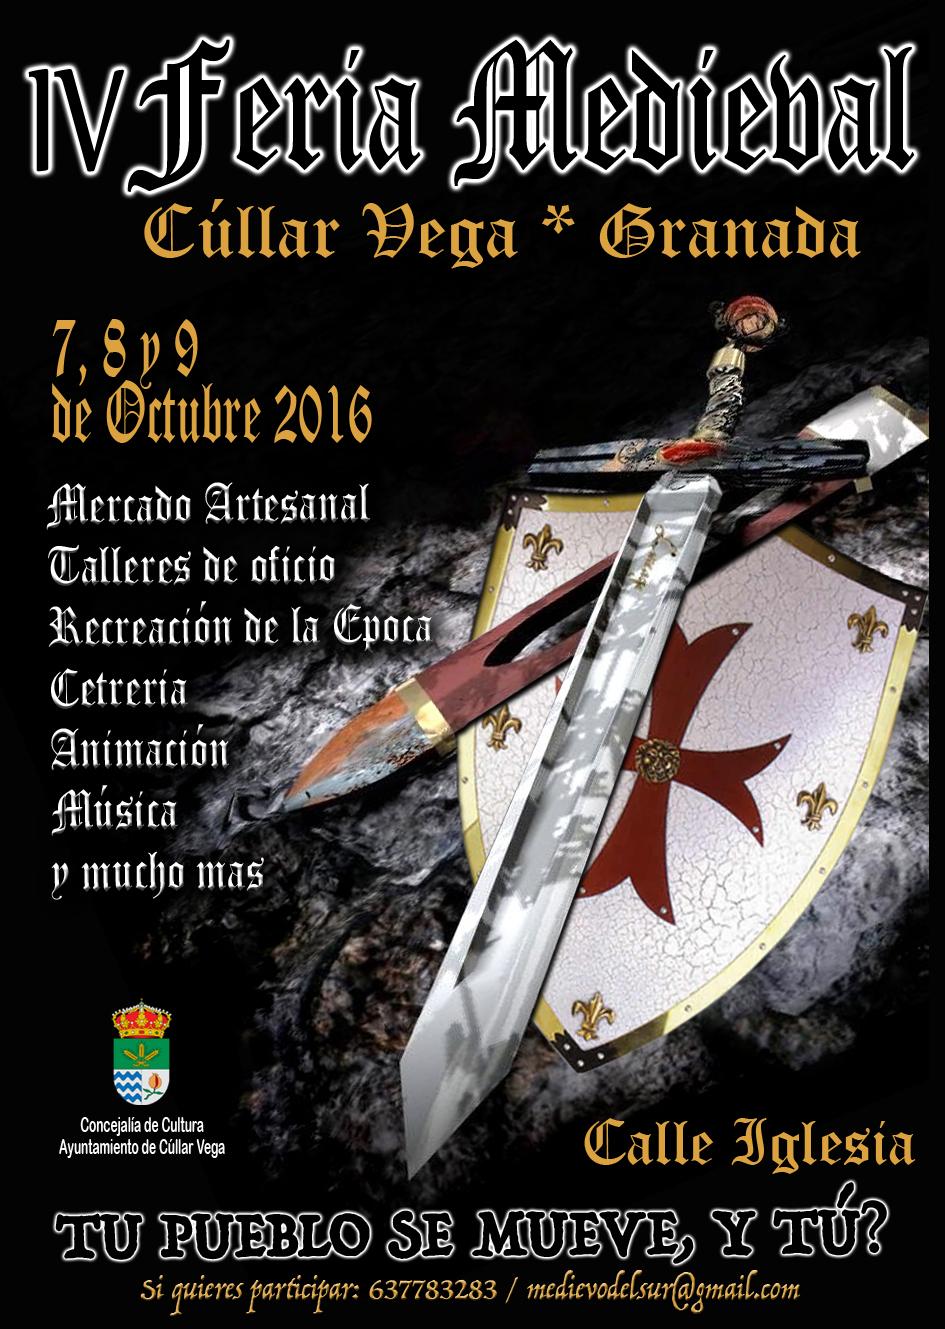 7,8 y 9 Octubre: IV Feria Medieval de Cúllar Vega